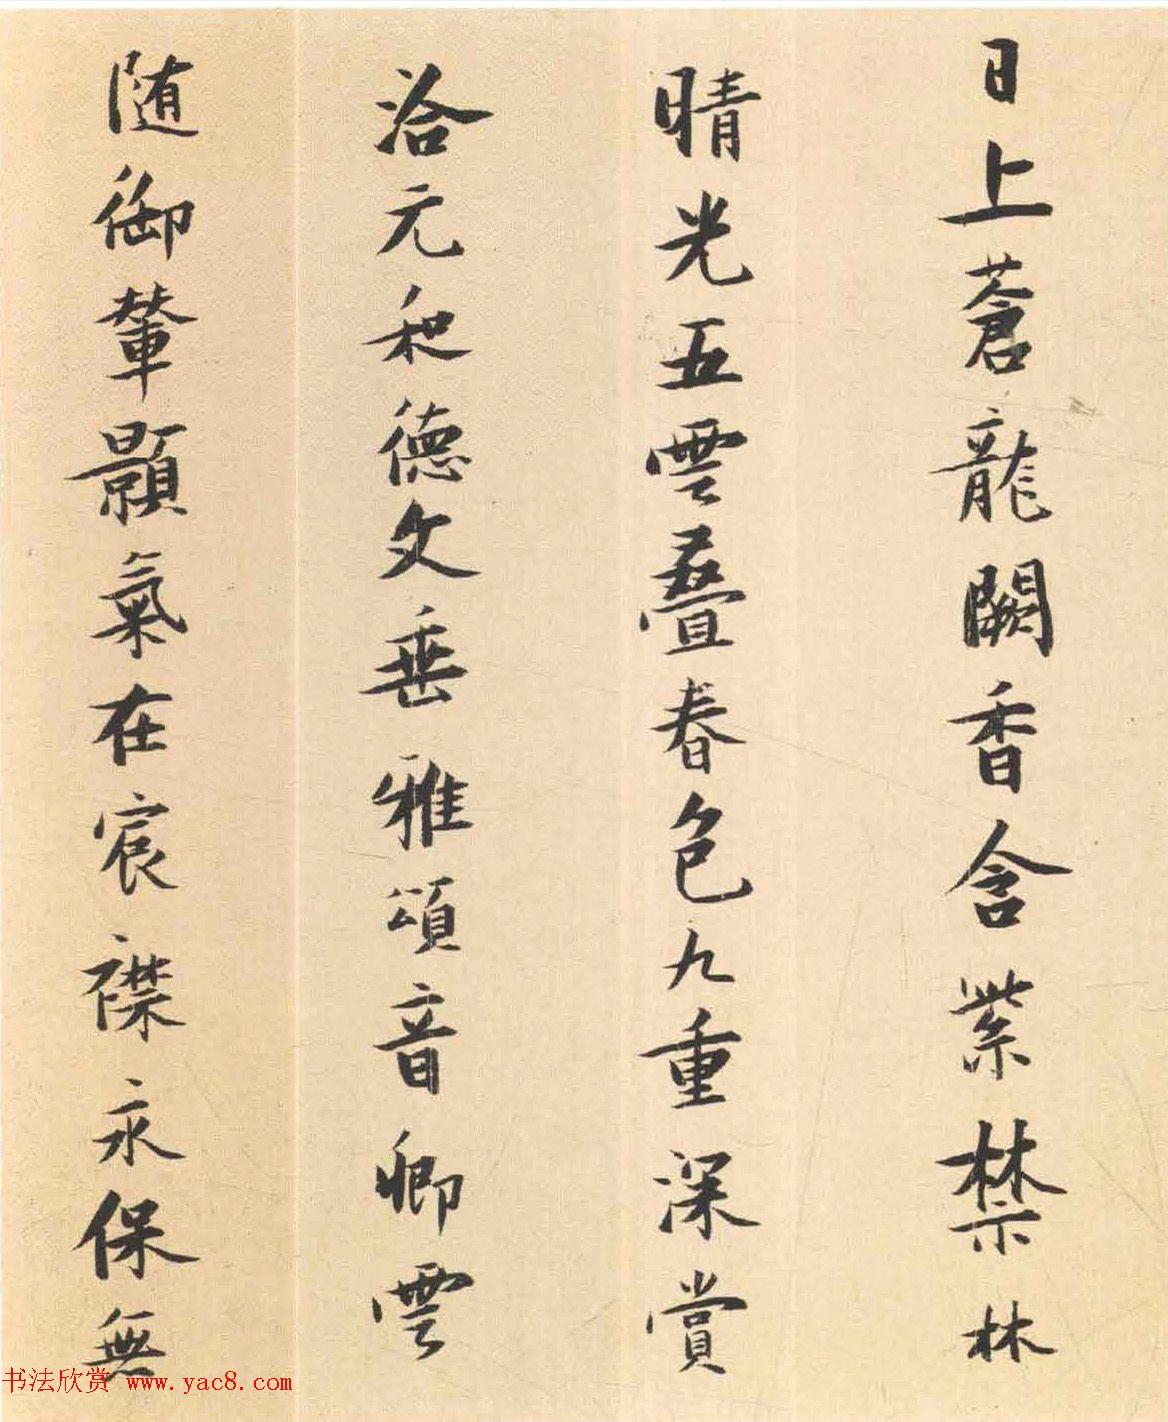 张瑞图小字行楷书赏析《圣寿无疆词》